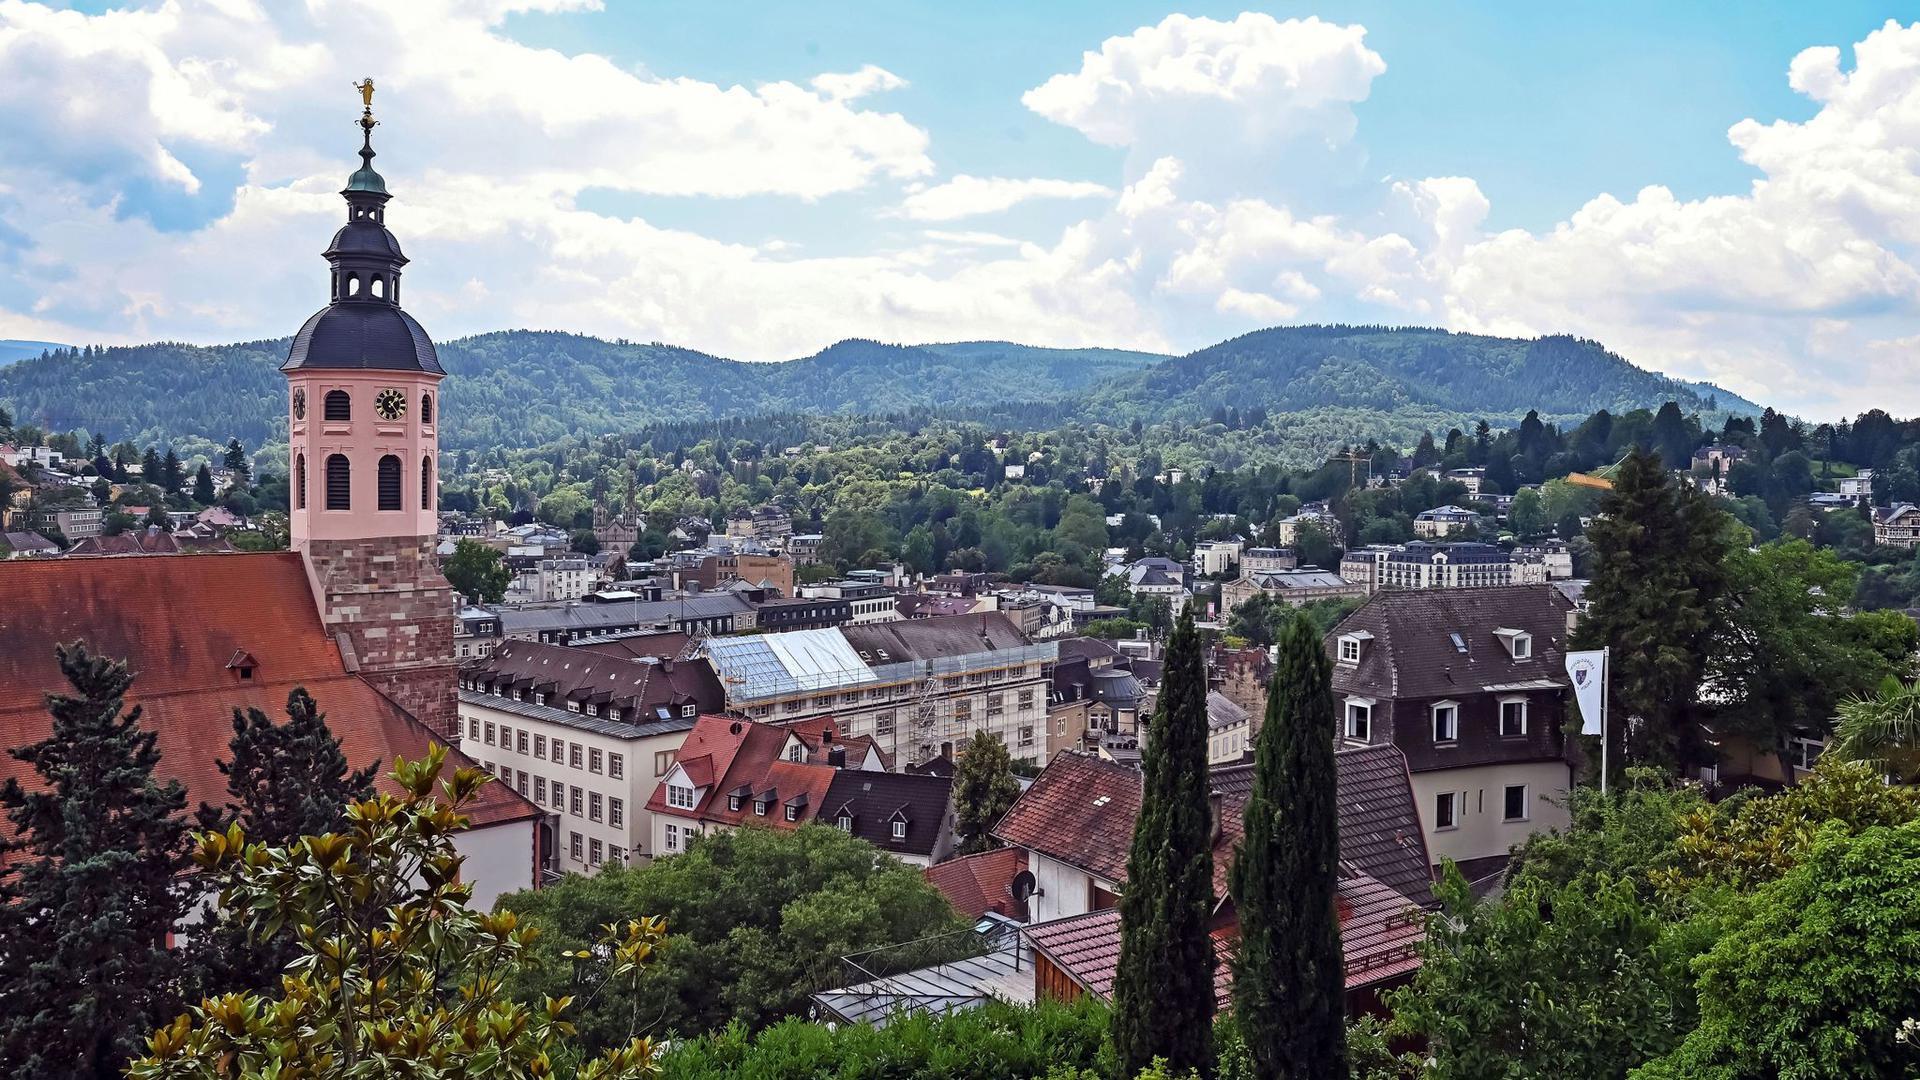 Schön, elegant und wohlhabend: Baden-Baden war vor mehr als zwei Jahrhunderten als Sehnsuchtsort für die russische Aristokratie aufgeblüht. Die Kurstadt zieht auch heute viele Besucher aus der ganzen Welt an.